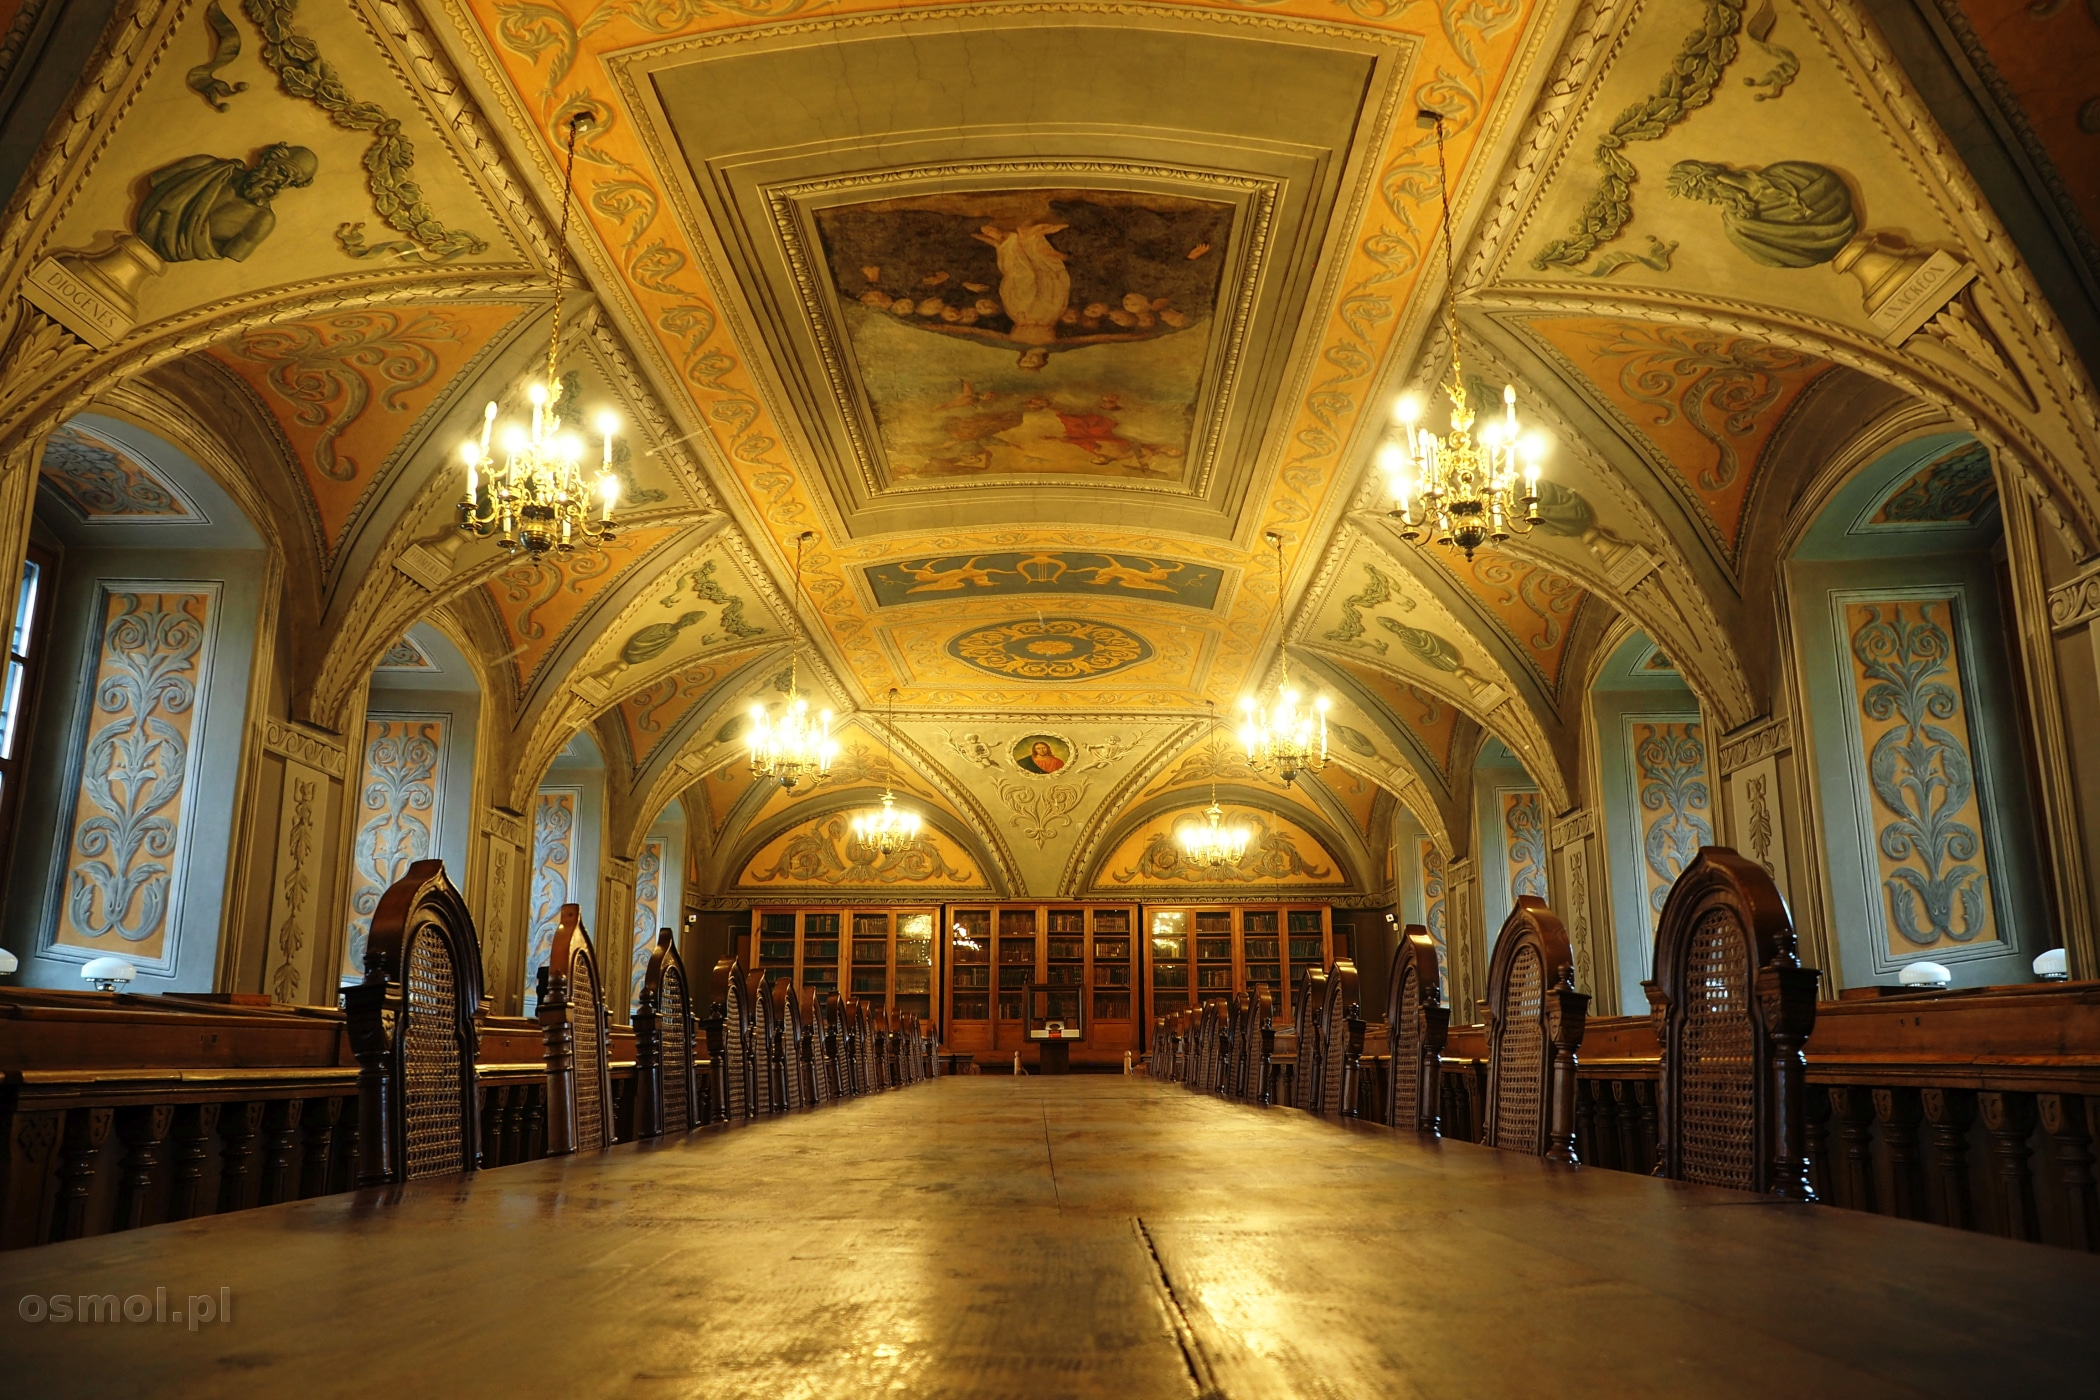 Wilno sala Franciszka Smuglewicza w bibliotece uniwersytetu